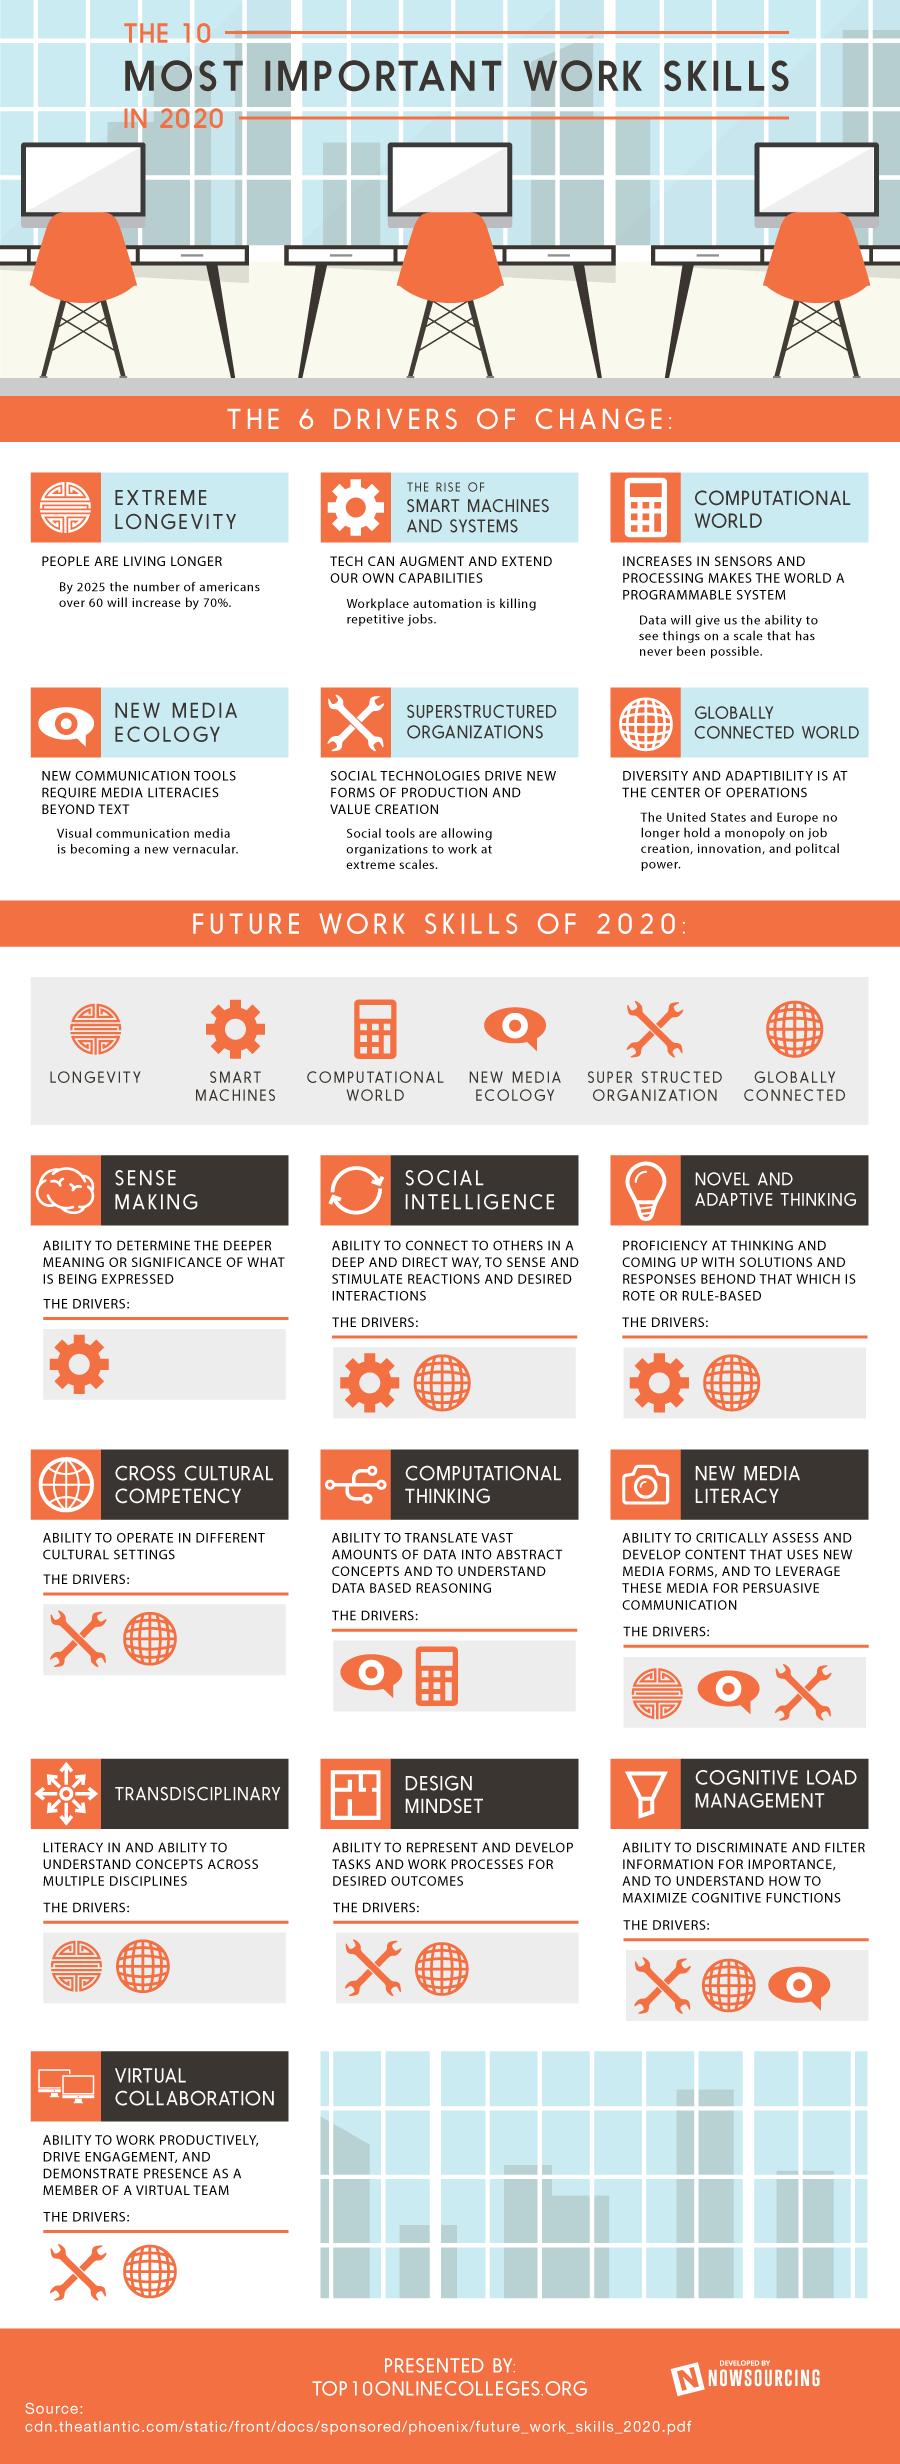 Топ рабочих мест в 2020 году